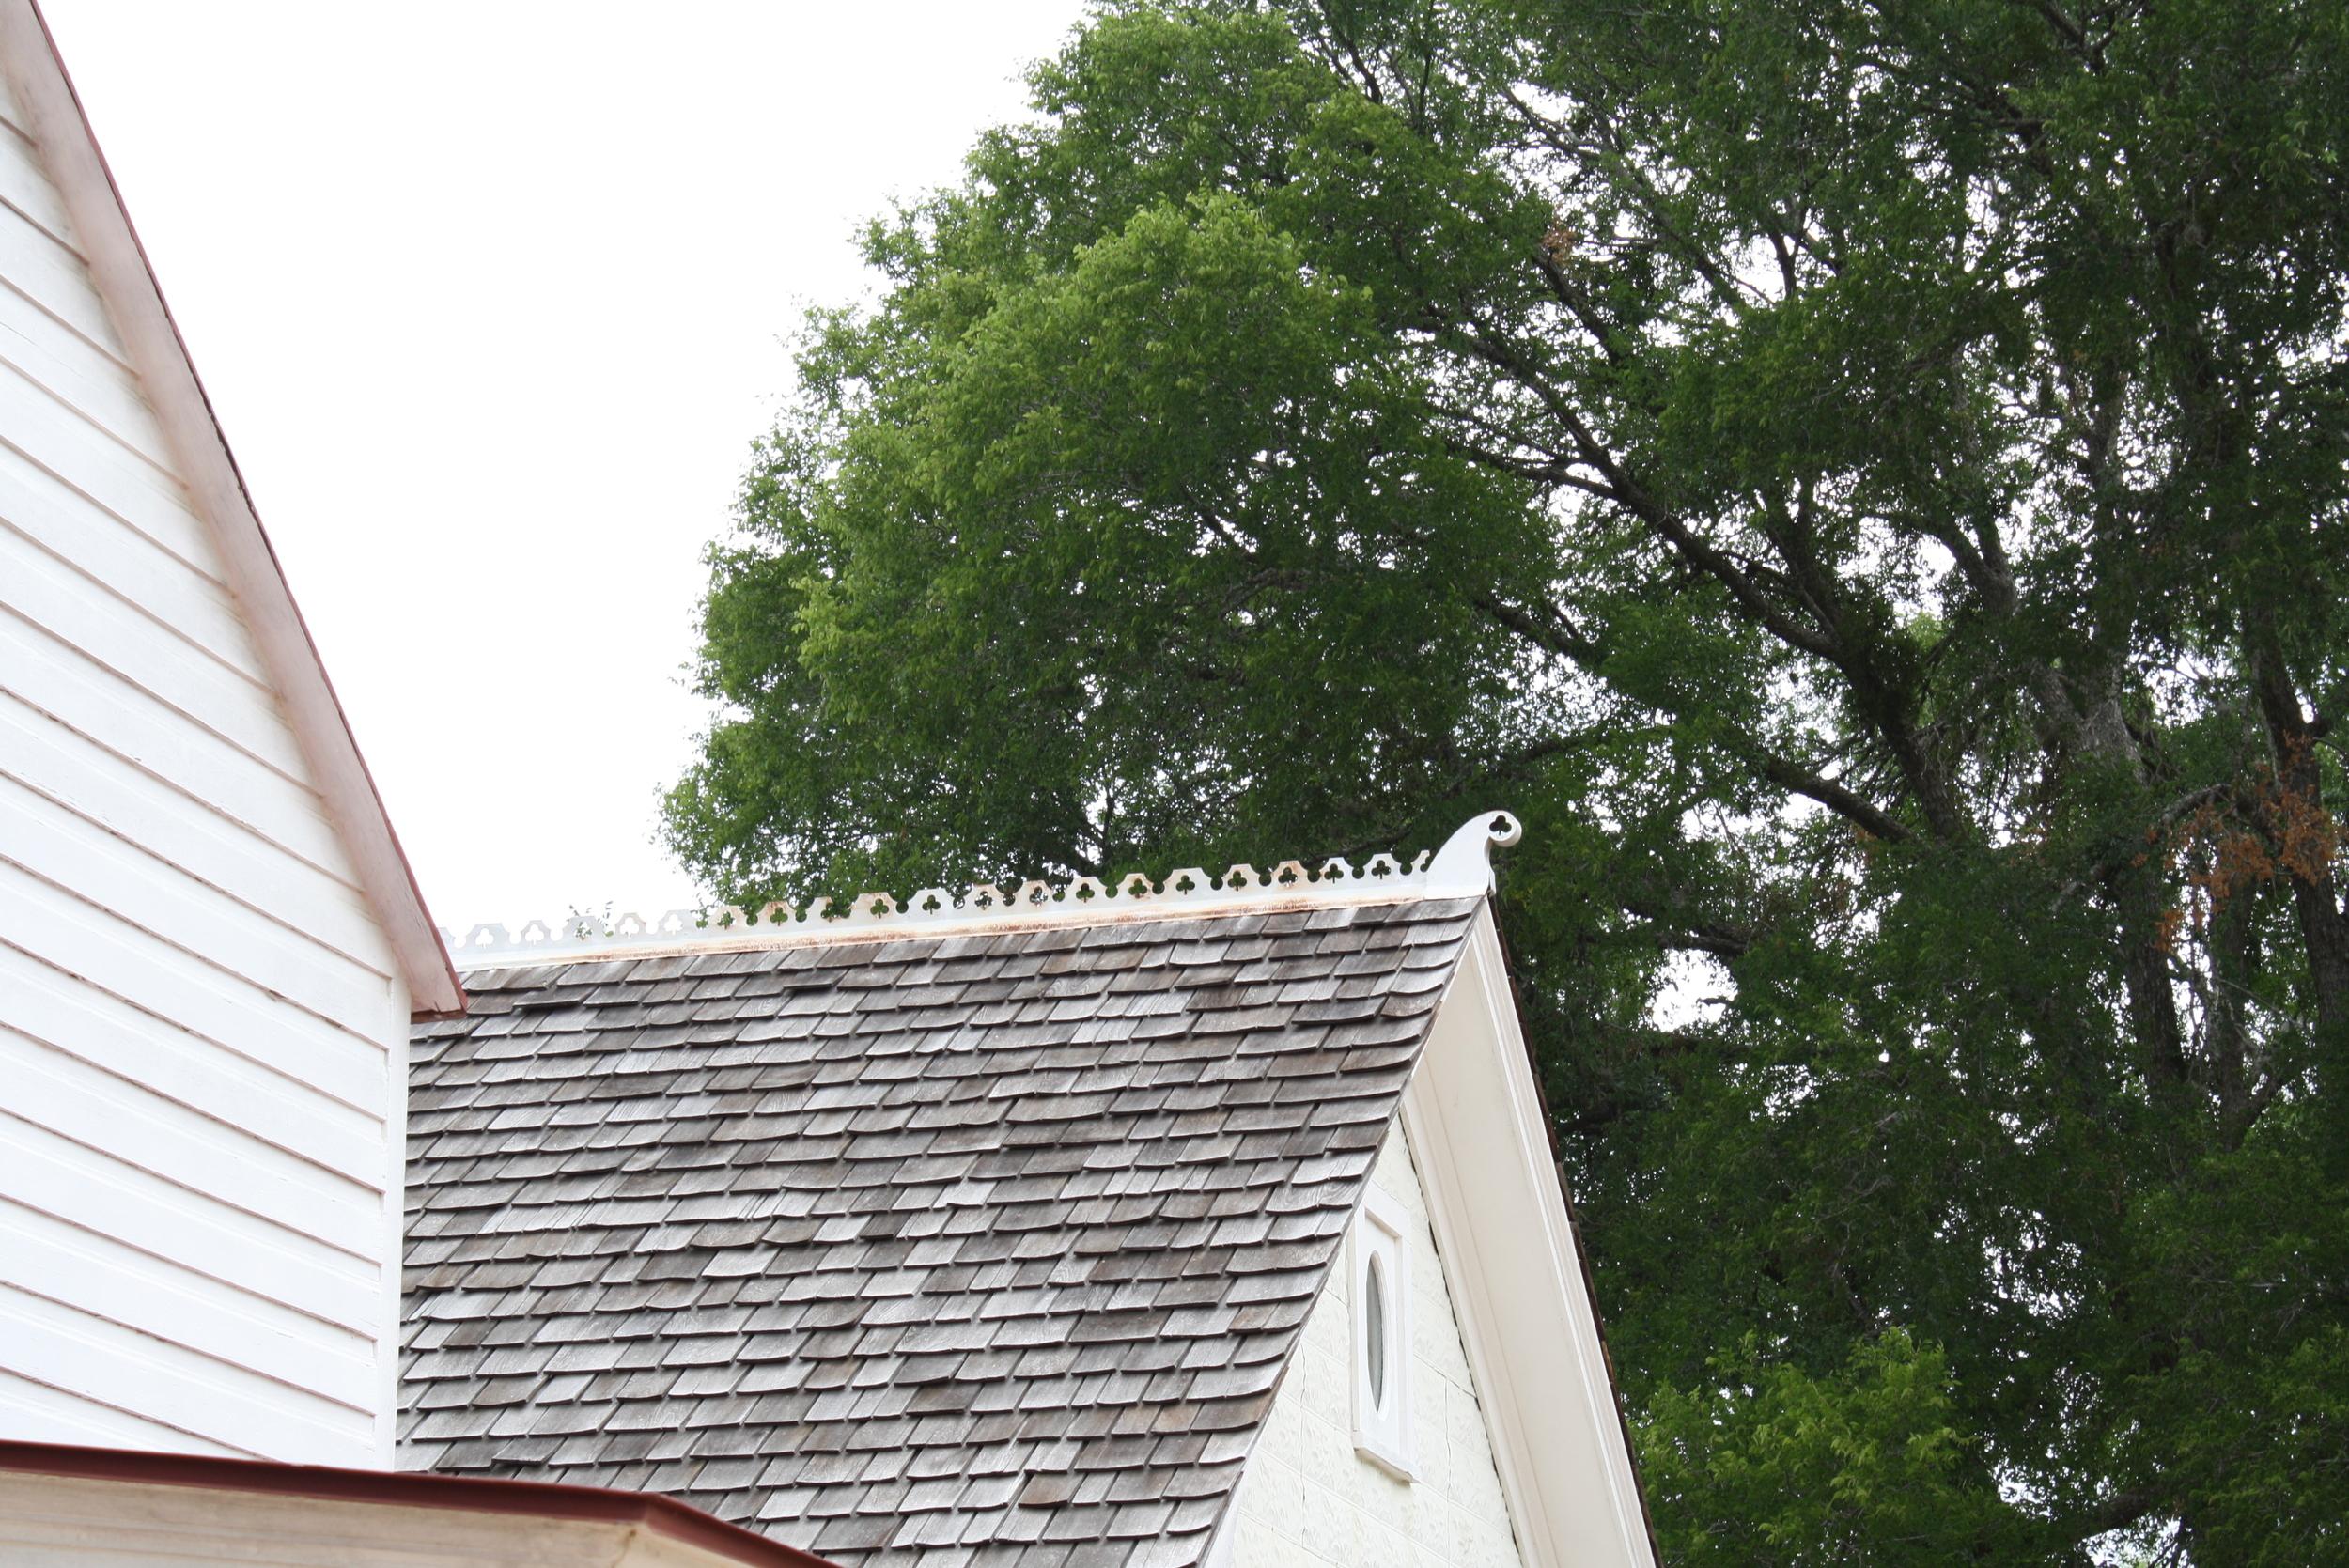 Intricate roofline detail